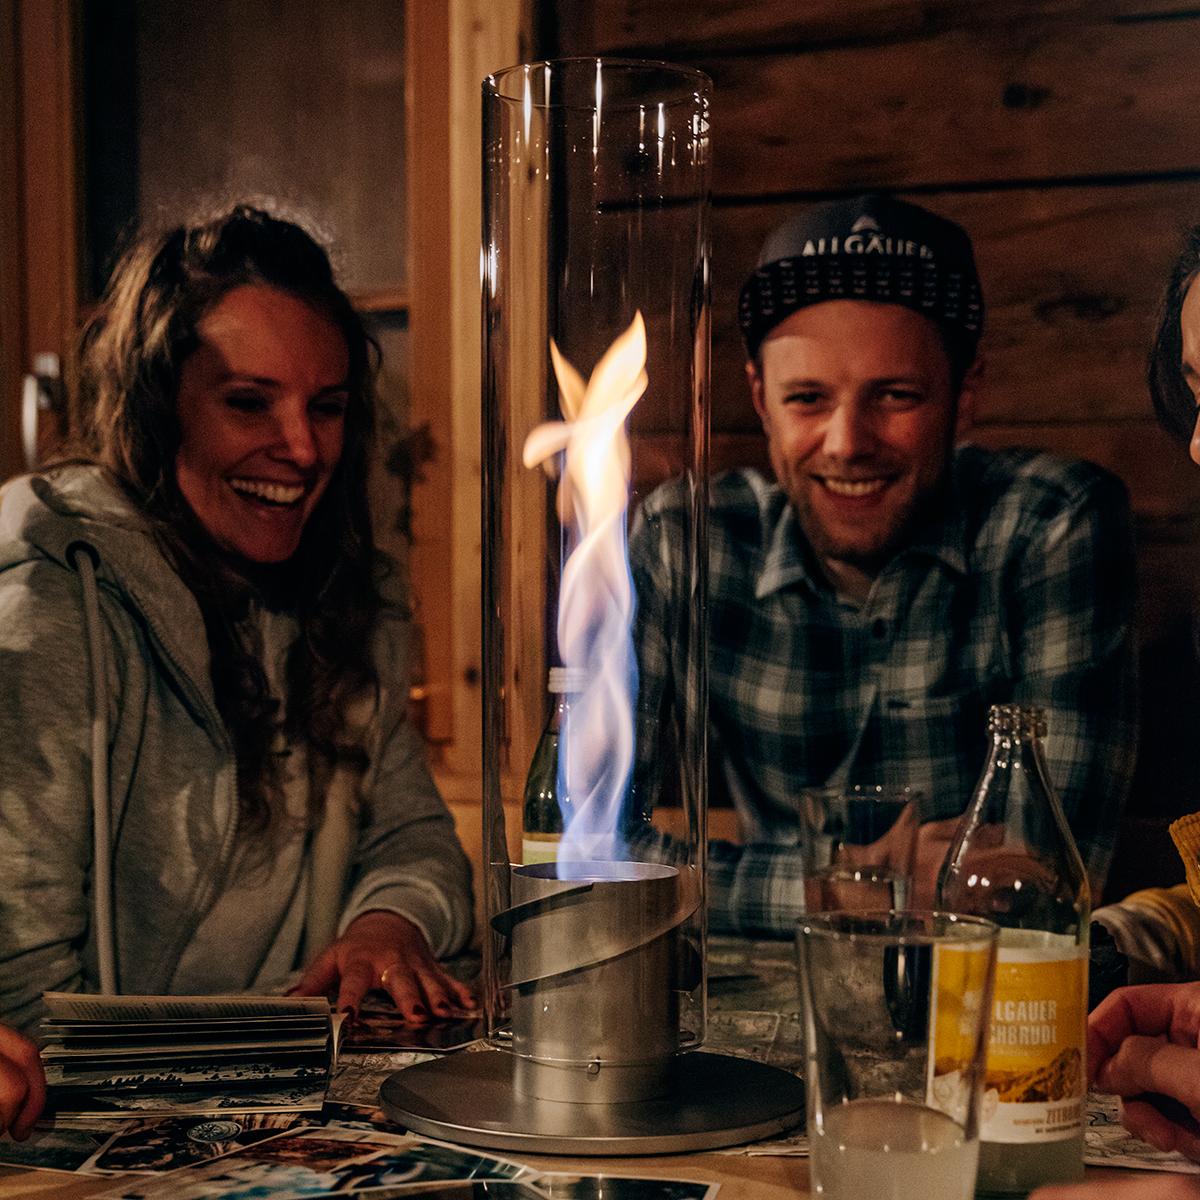 思わず自慢したくなる、その場の空気を一瞬で盛り上げるムードメーカー。煙突効果で炎が廻りながら上昇!煙が出にくい安全燃料の「テーブルランタン&ガーデントーチ」|Hofats SPIN(ホーファッツ スピン)